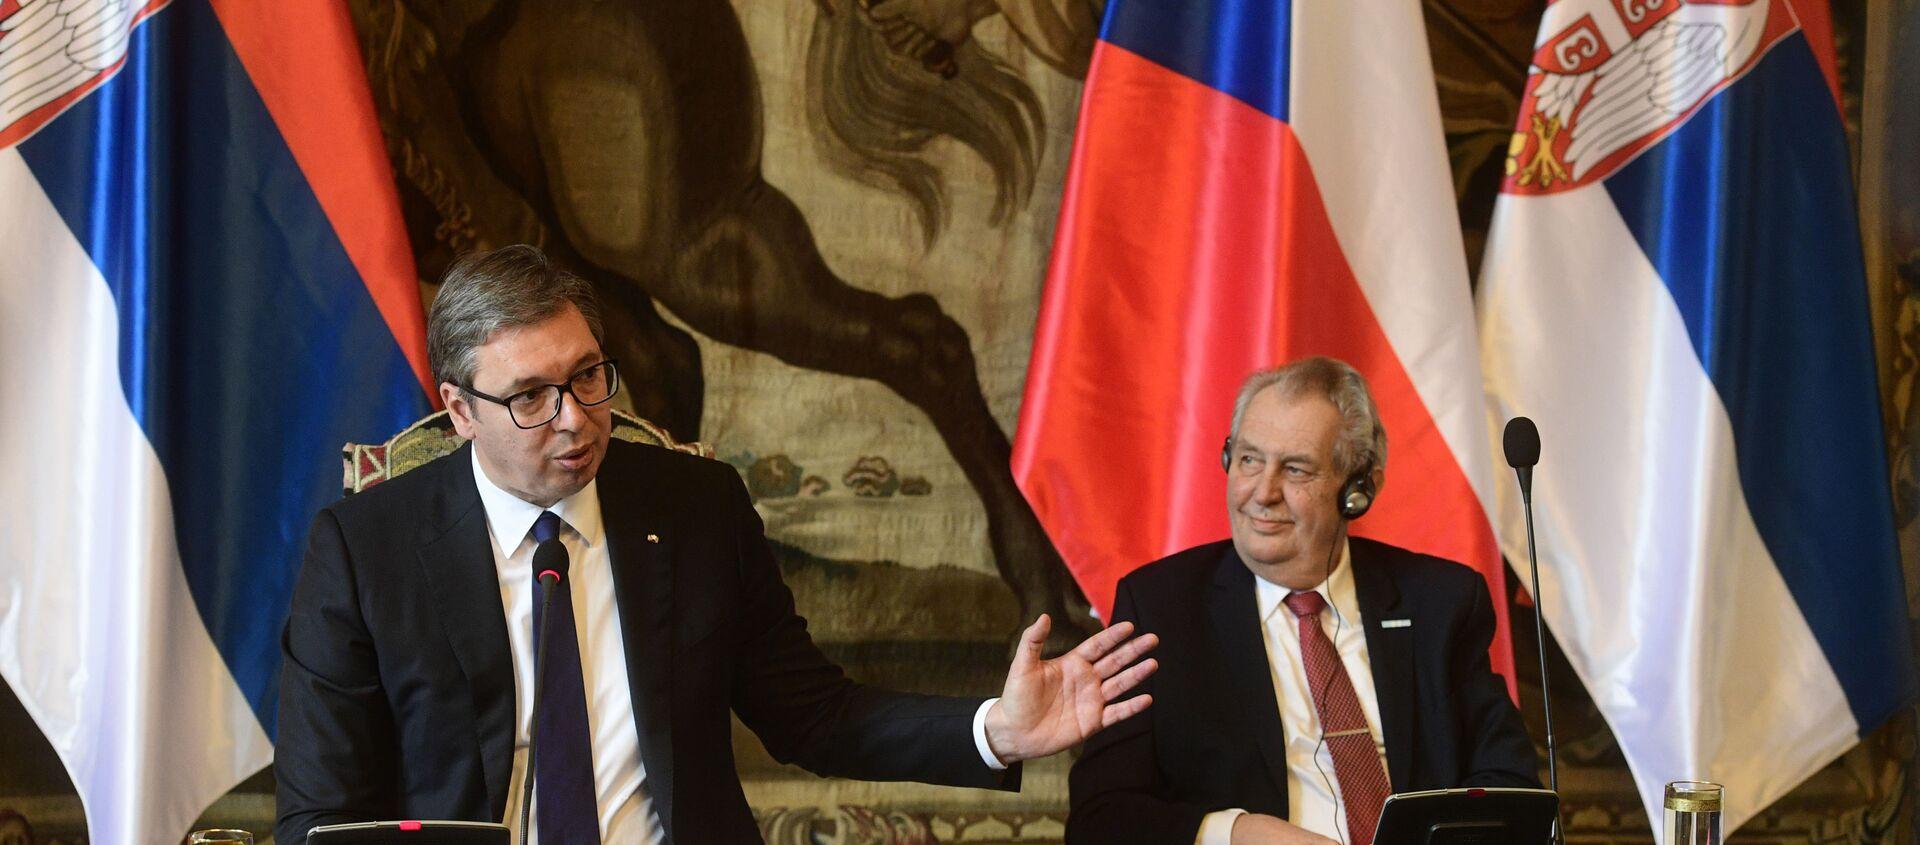 Aleksandar Vučić i Miloš Zeman - Sputnik Srbija, 1920, 19.05.2021